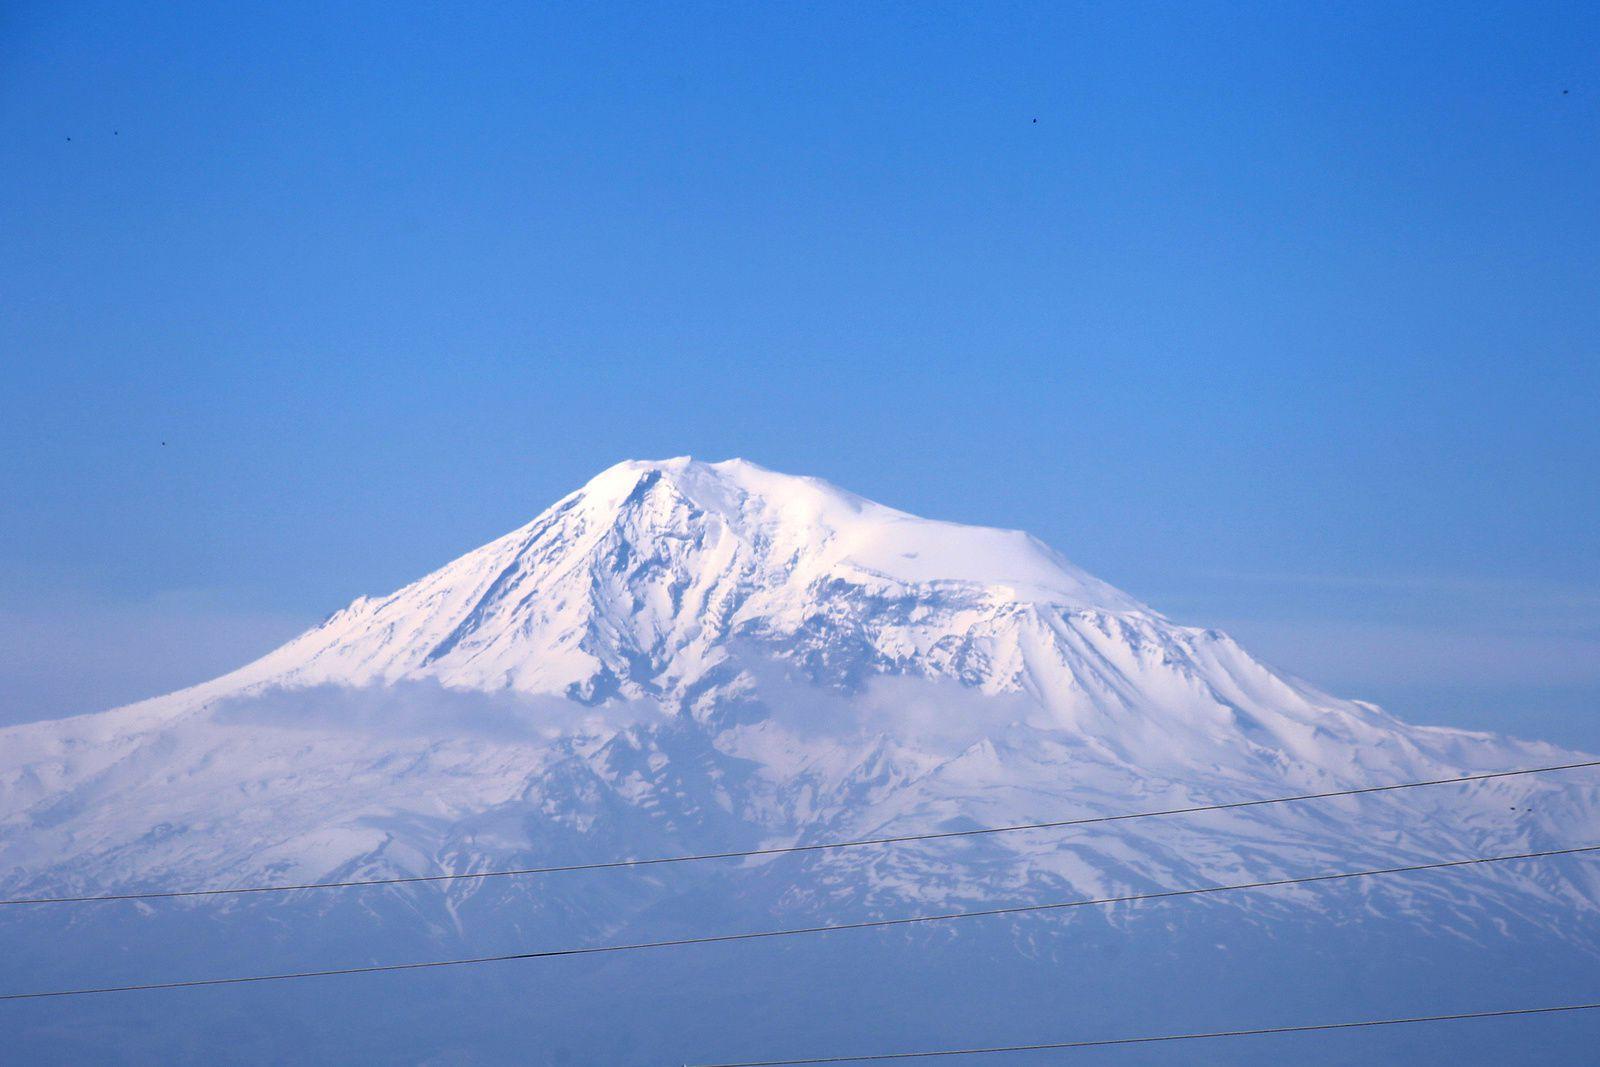 Le sommet du Grand Ararat dans une brume de chaleur - photo © Bernard Duyck 2019